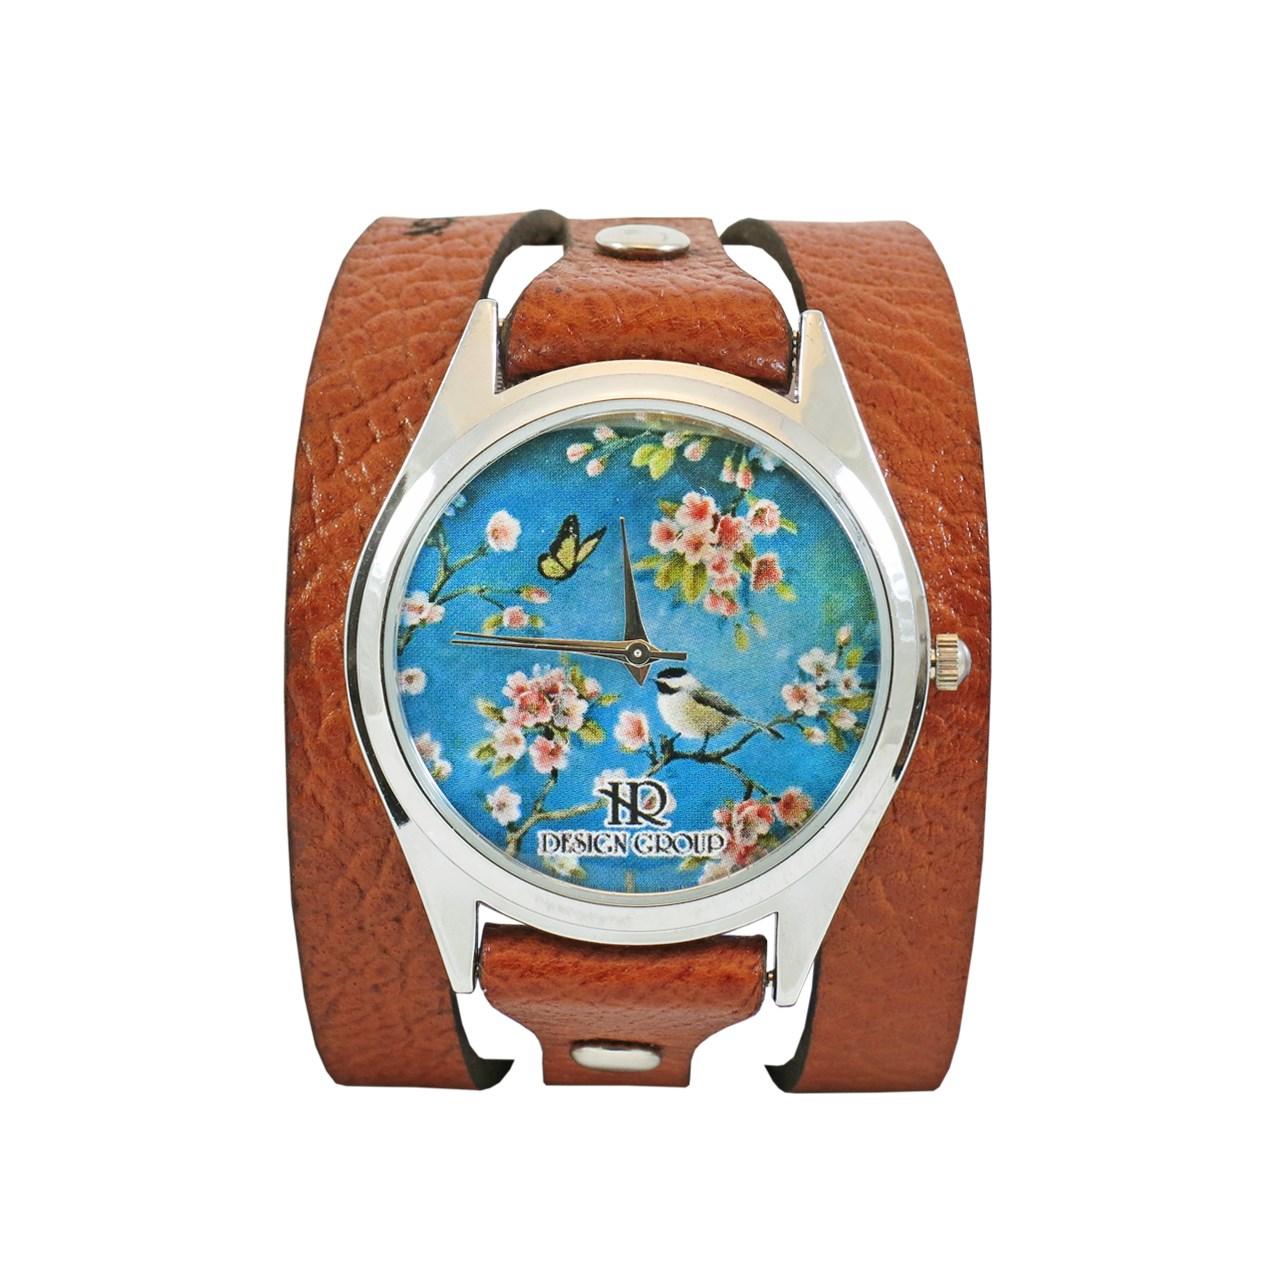 ساعت دست ساز اچ آر دیزاین گروپ مدل 003 55